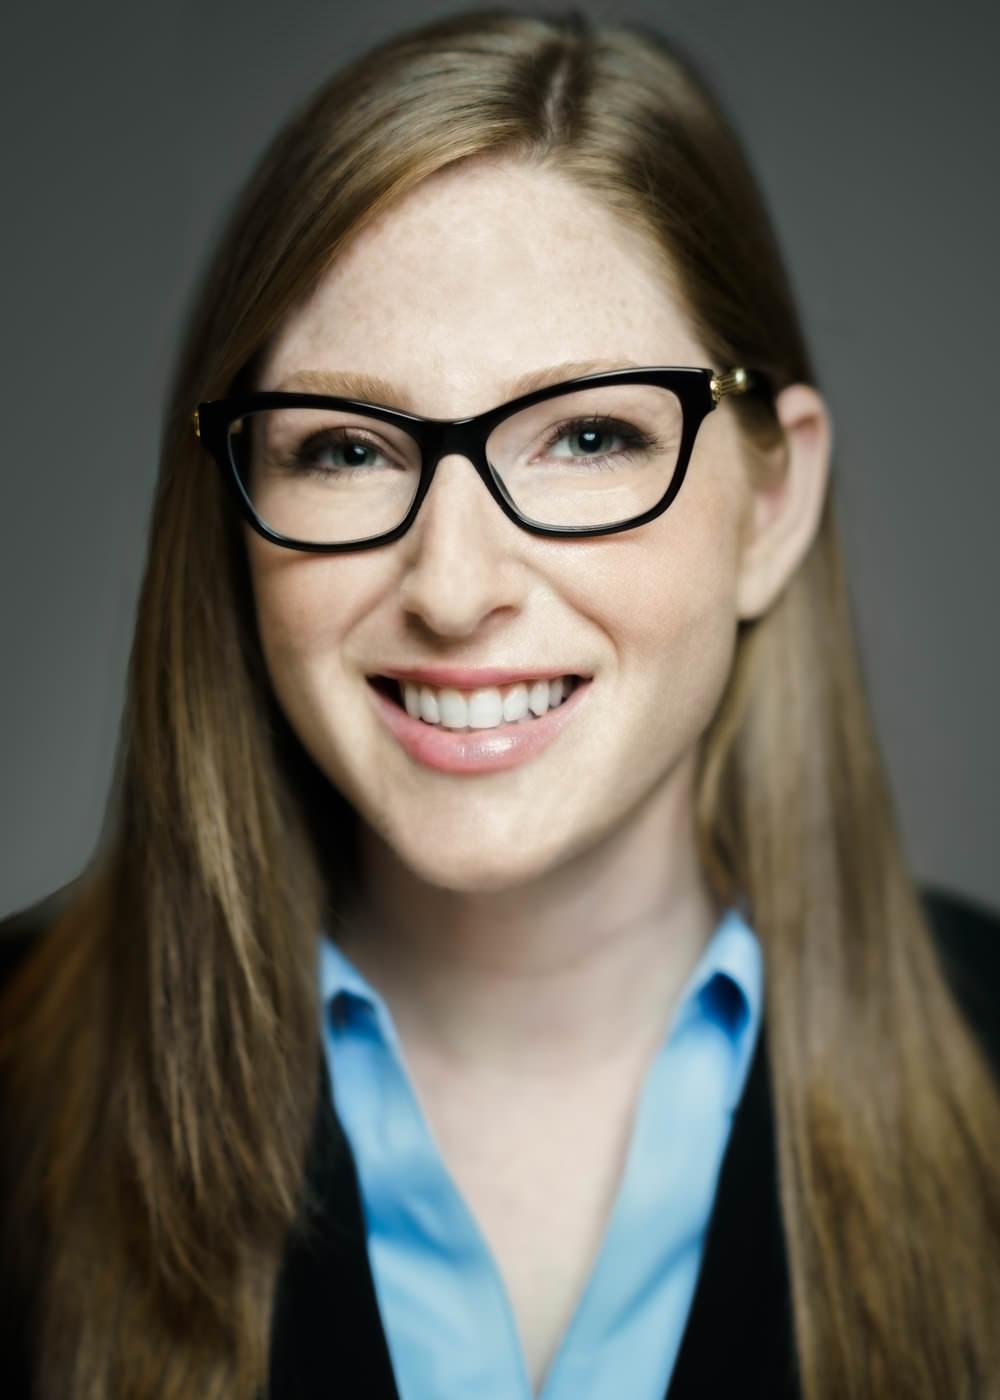 Lauren Kurlander. Headshot by Daniel Lee.